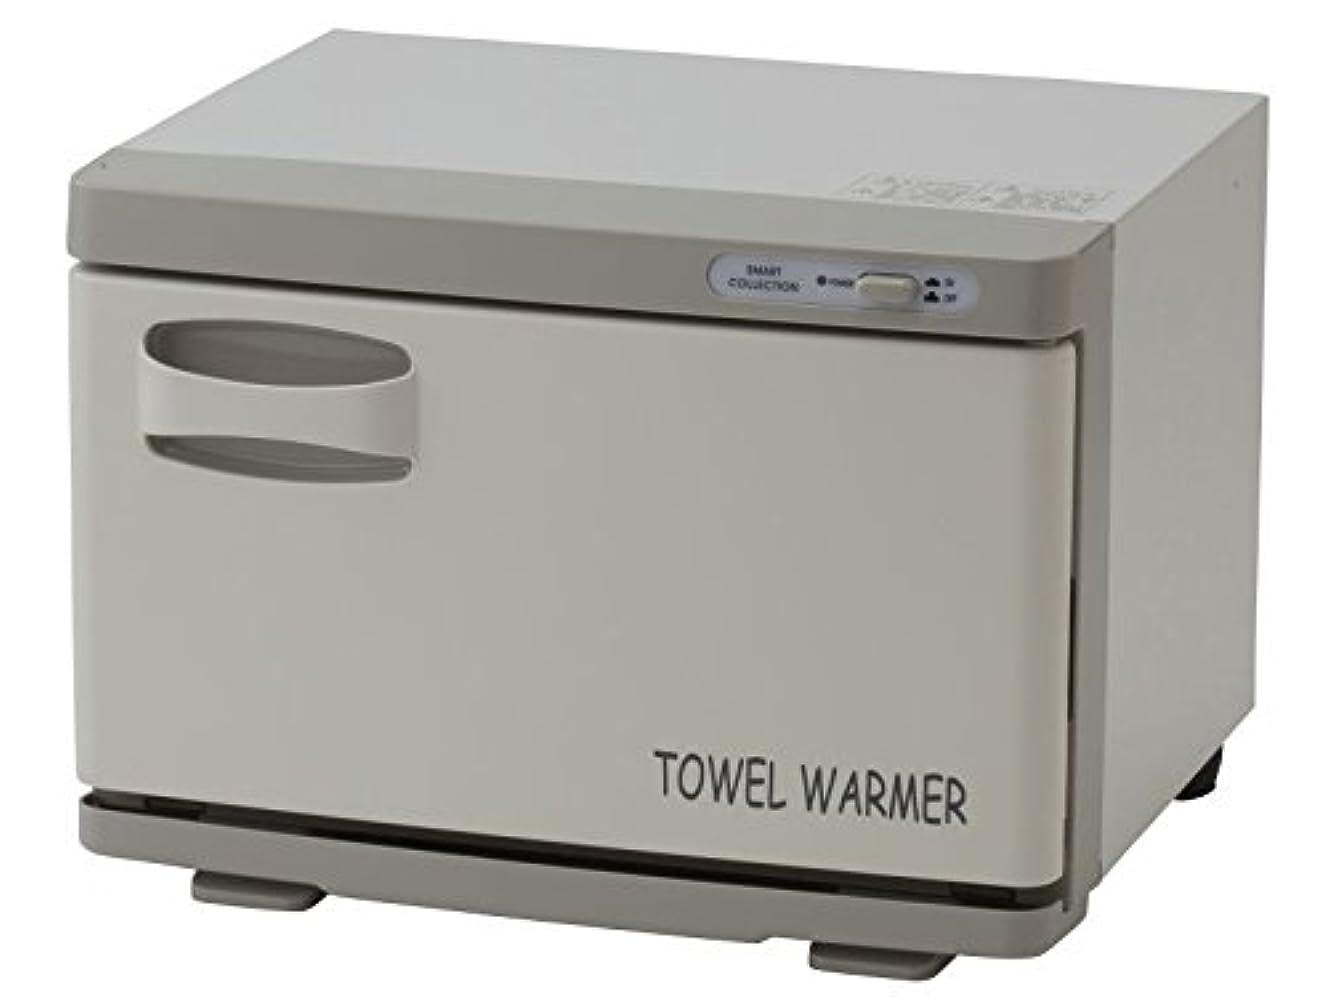 アストロラーベ粉砕するはがきタオルウォーマーSサイズ(前開き)おしぼり30~40本、ハンドタオル10~12本収納できます。